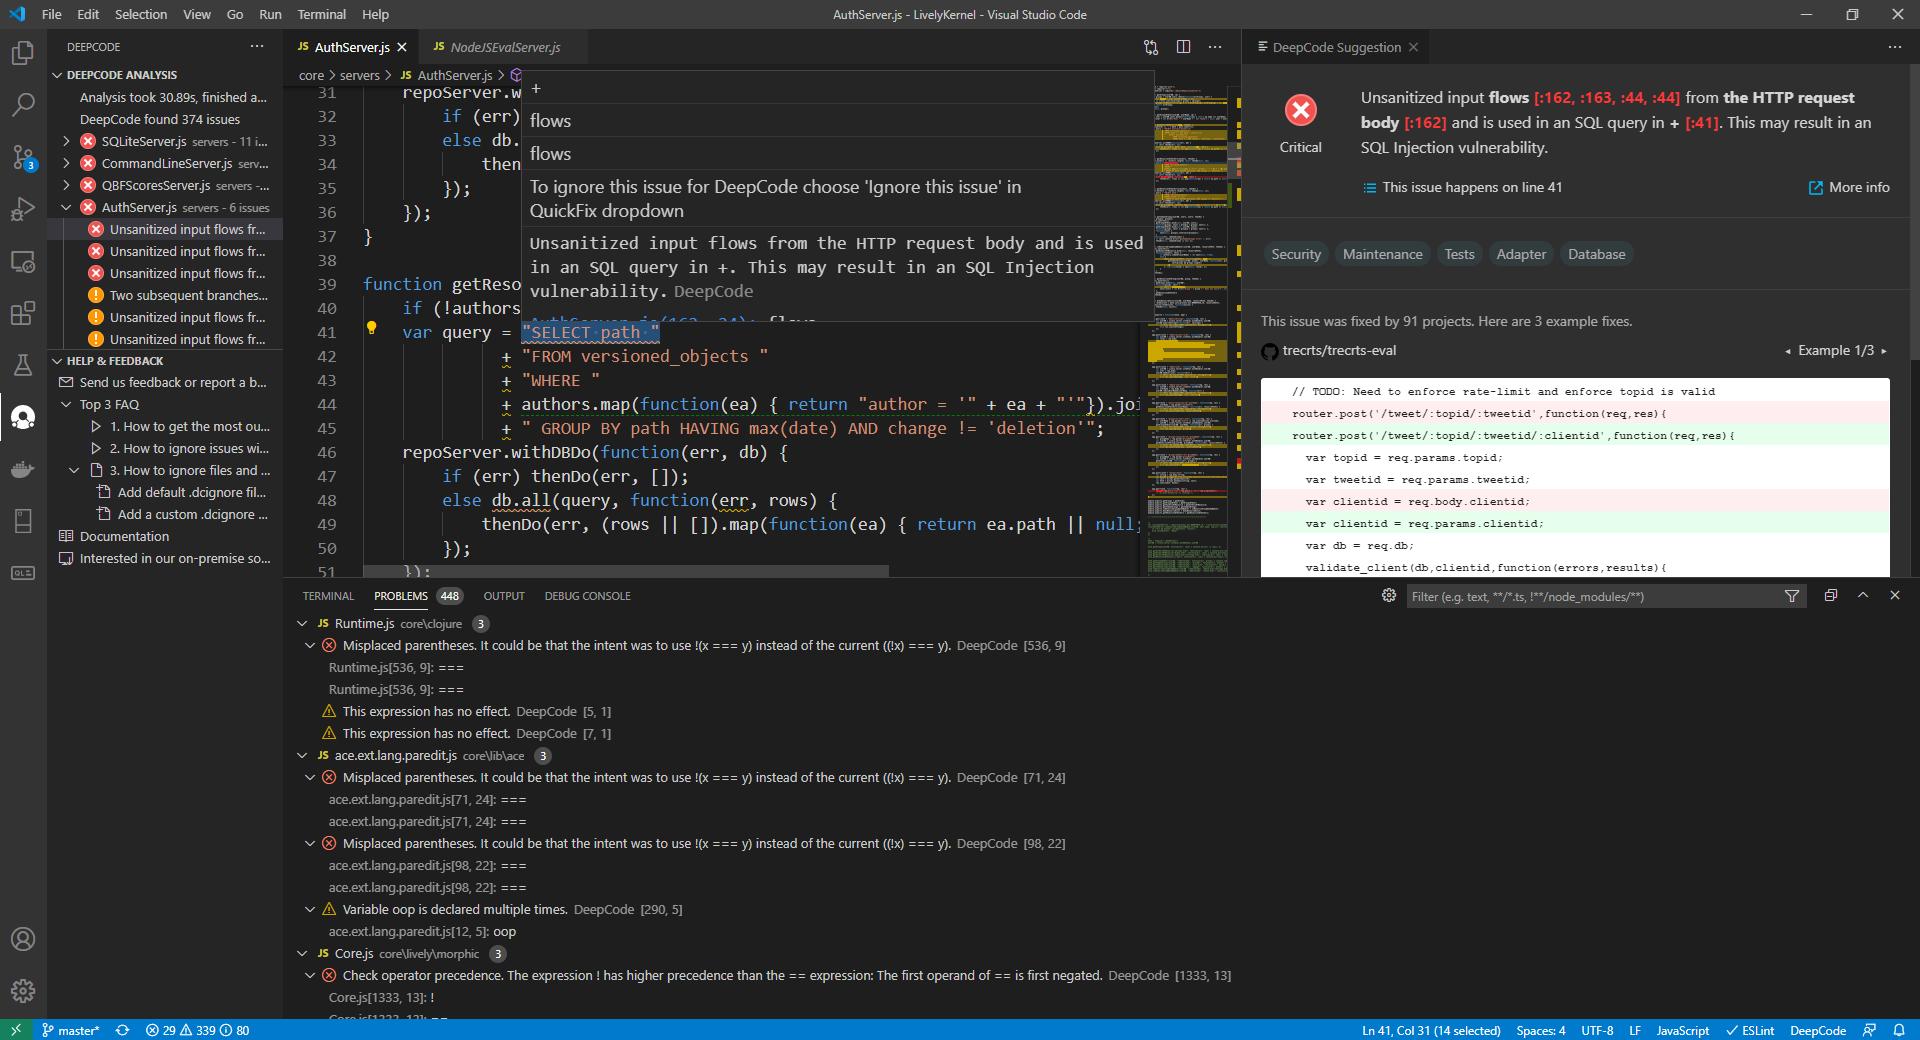 deepcode problem